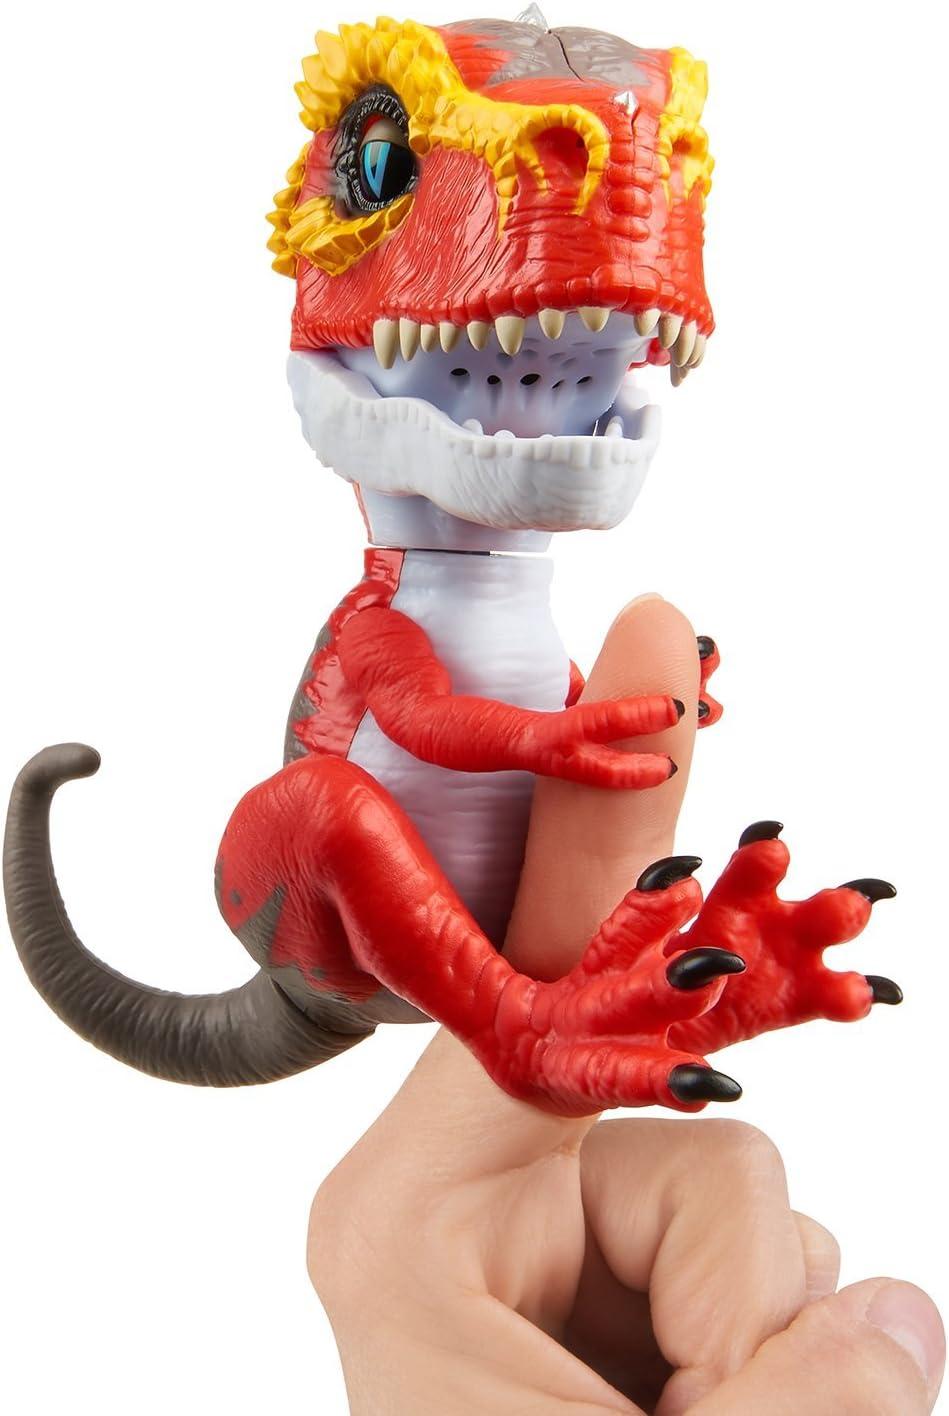 Wowwee- Ripsaw Fingerlings T-Rex, Color Rojo (3786)